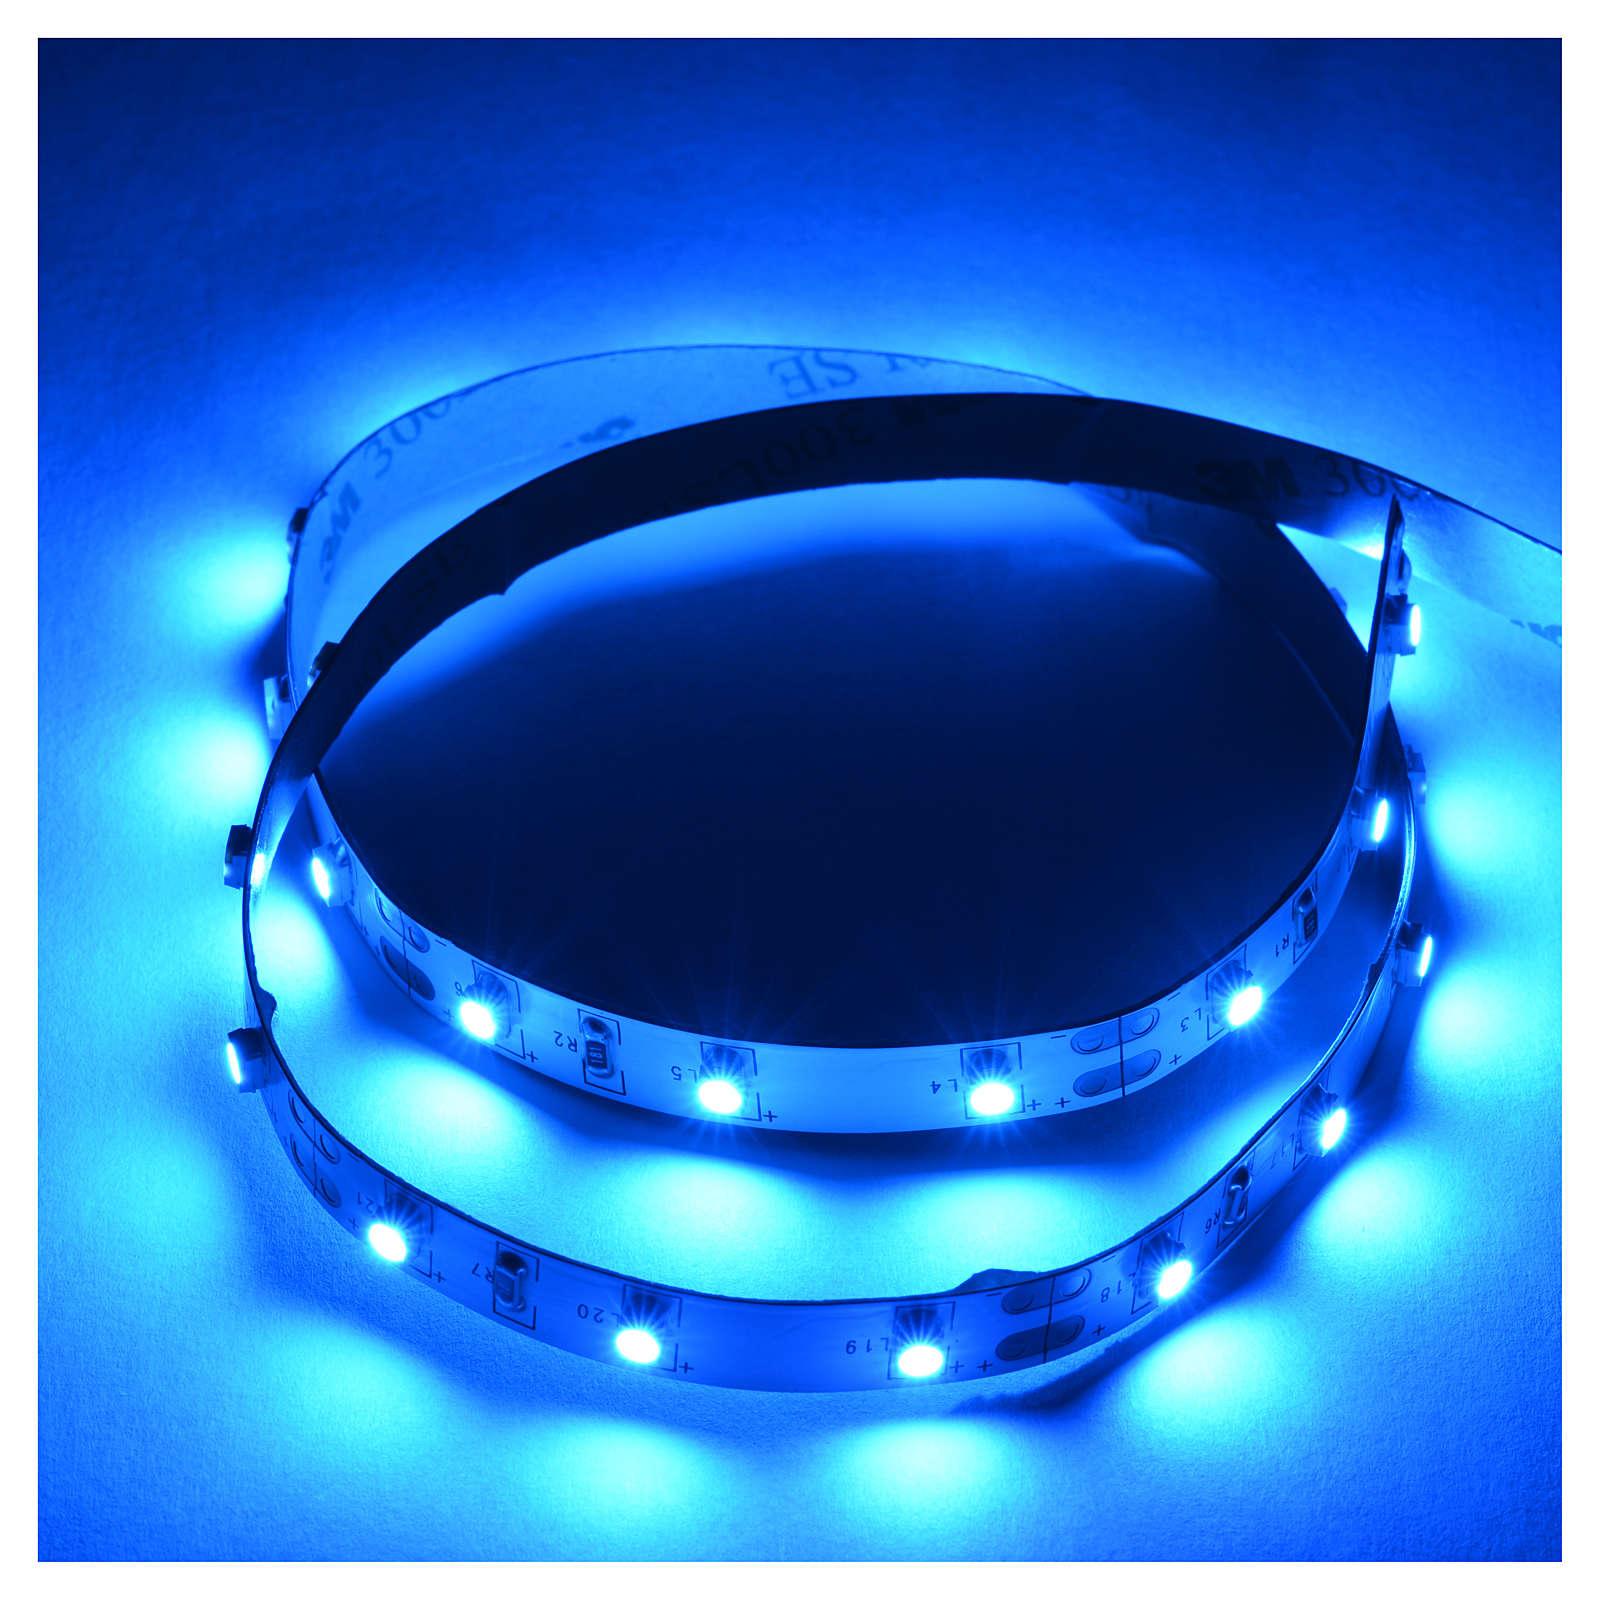 Tira de LED Power 'PS' 60 LED 0.8 x 100 cm. azul Frial Power 4